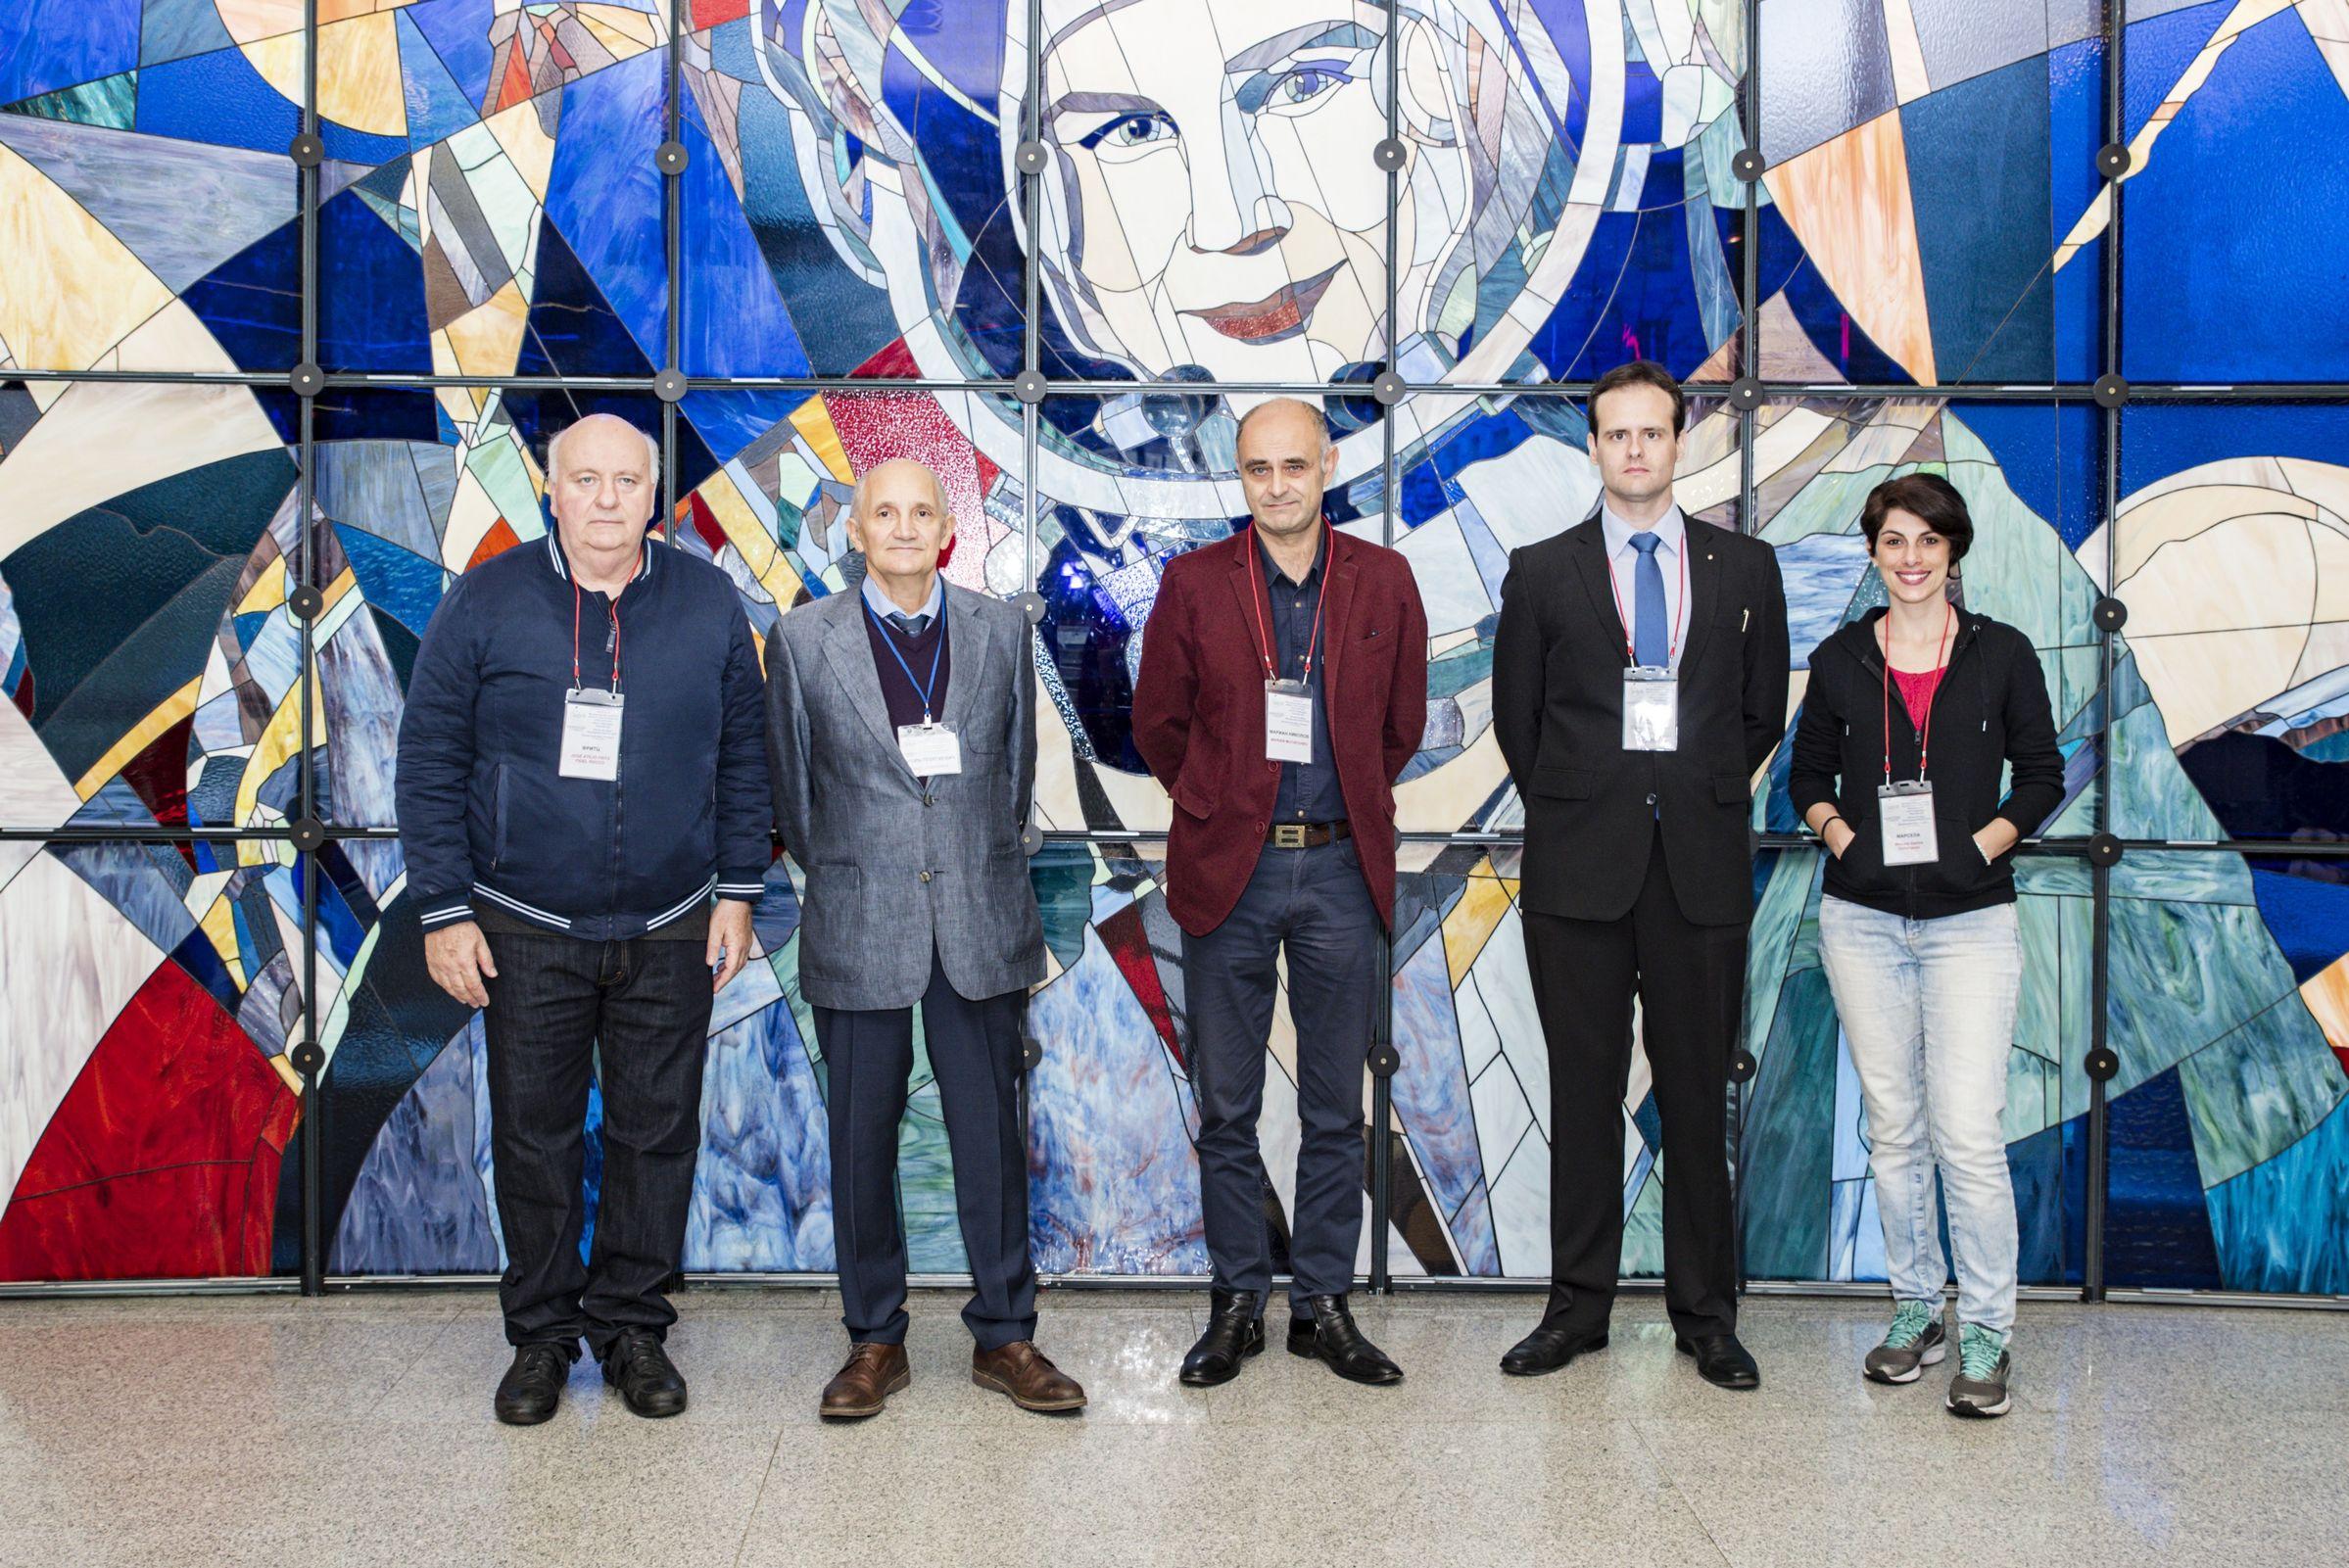 40 исследователей космоса принимают участие в международной конференции «SPACE'2019» в Ярославле